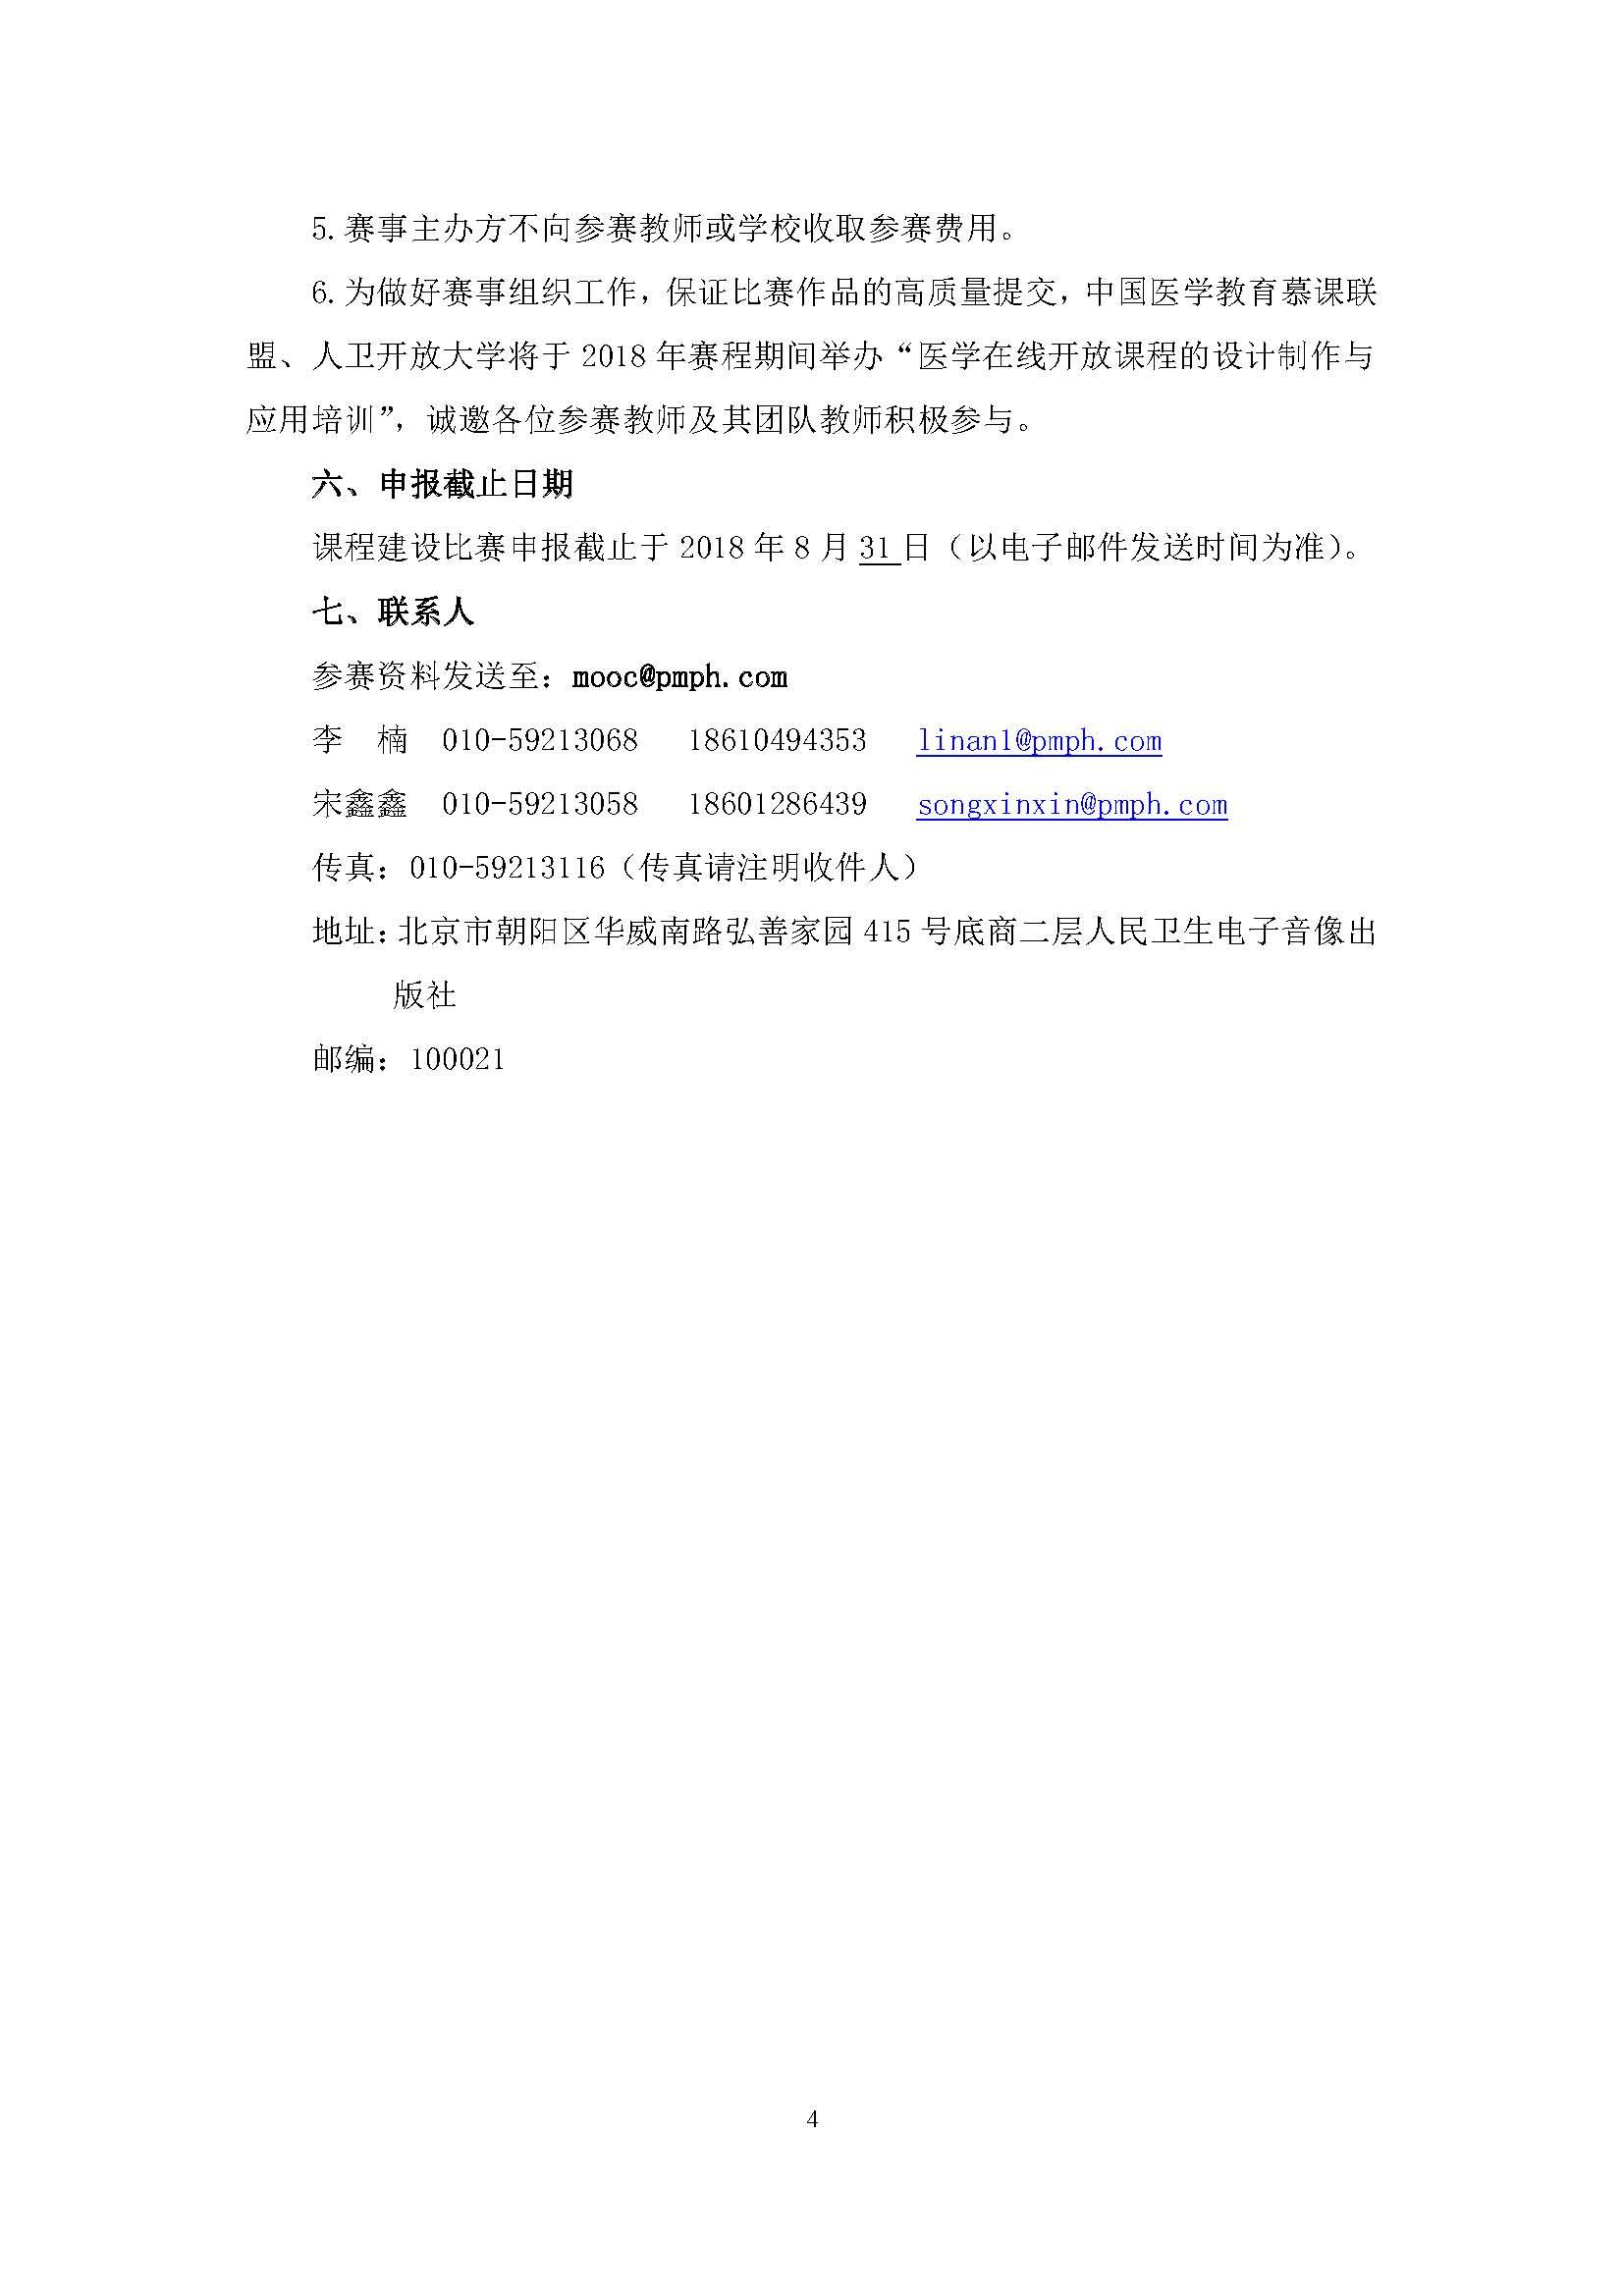 【通知final2】人卫慕课建设比赛通知(N版后,最终定稿)_页面_04.jpg